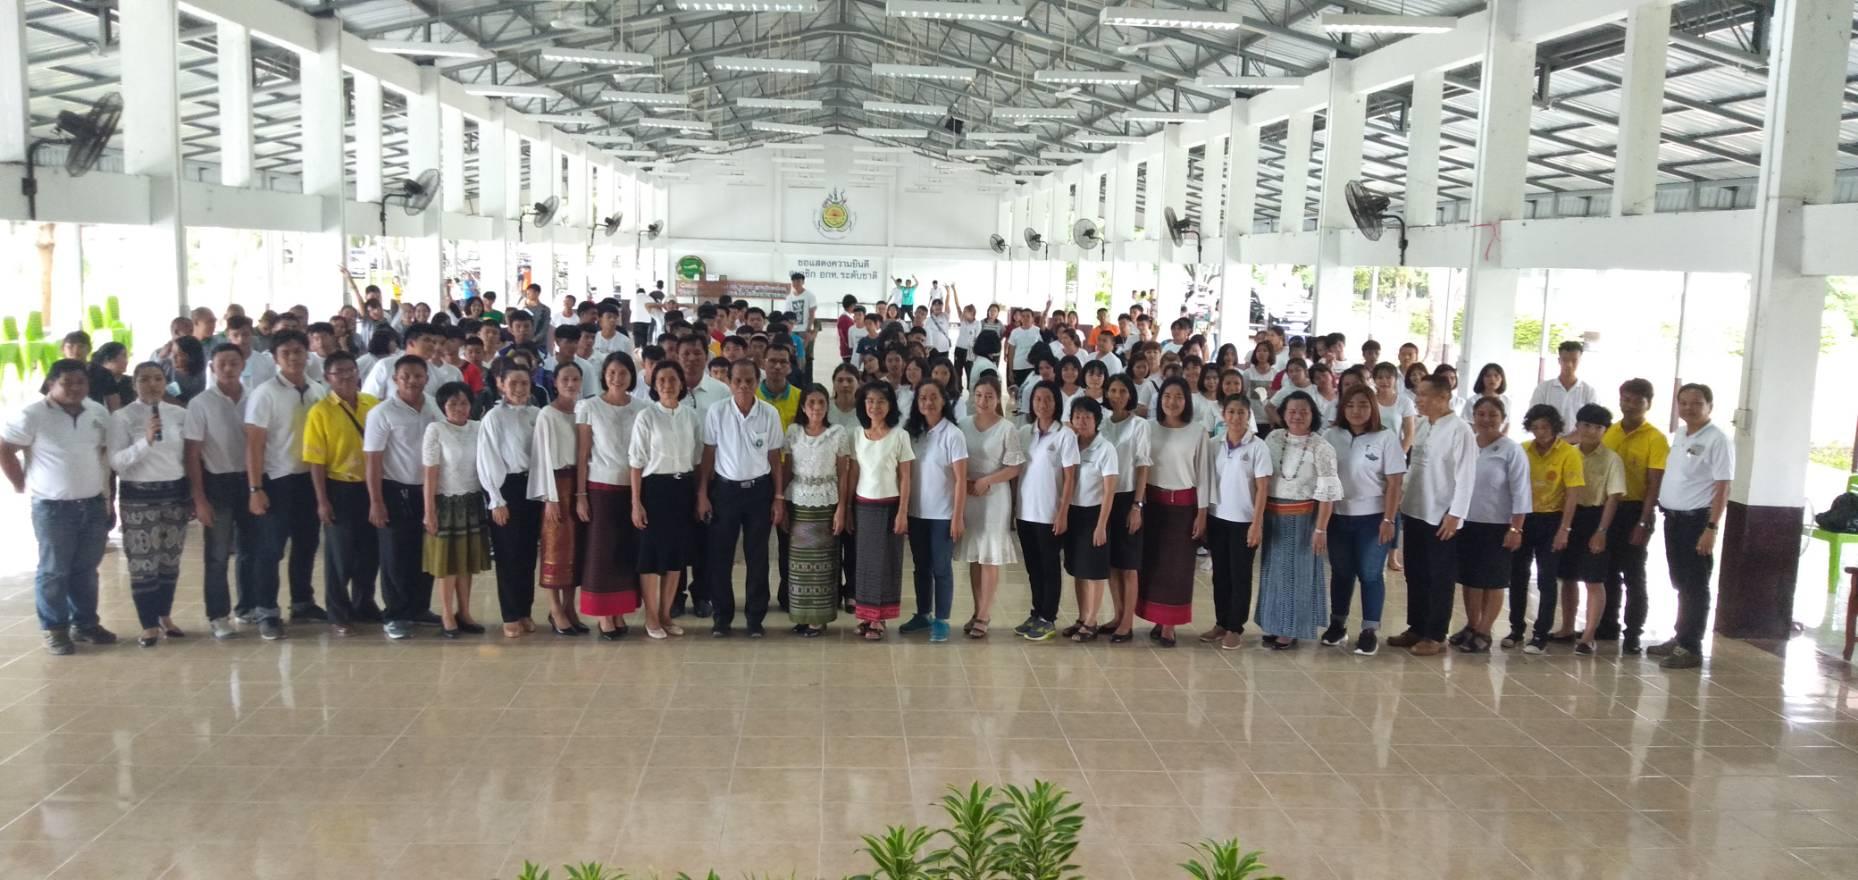 พีธีปฐมนิเทศนักเรียน นักศึกษา ประจำปีการศึกษา 2562 ระหว่างวันที่ 12-14 พฤษภาคม 2562